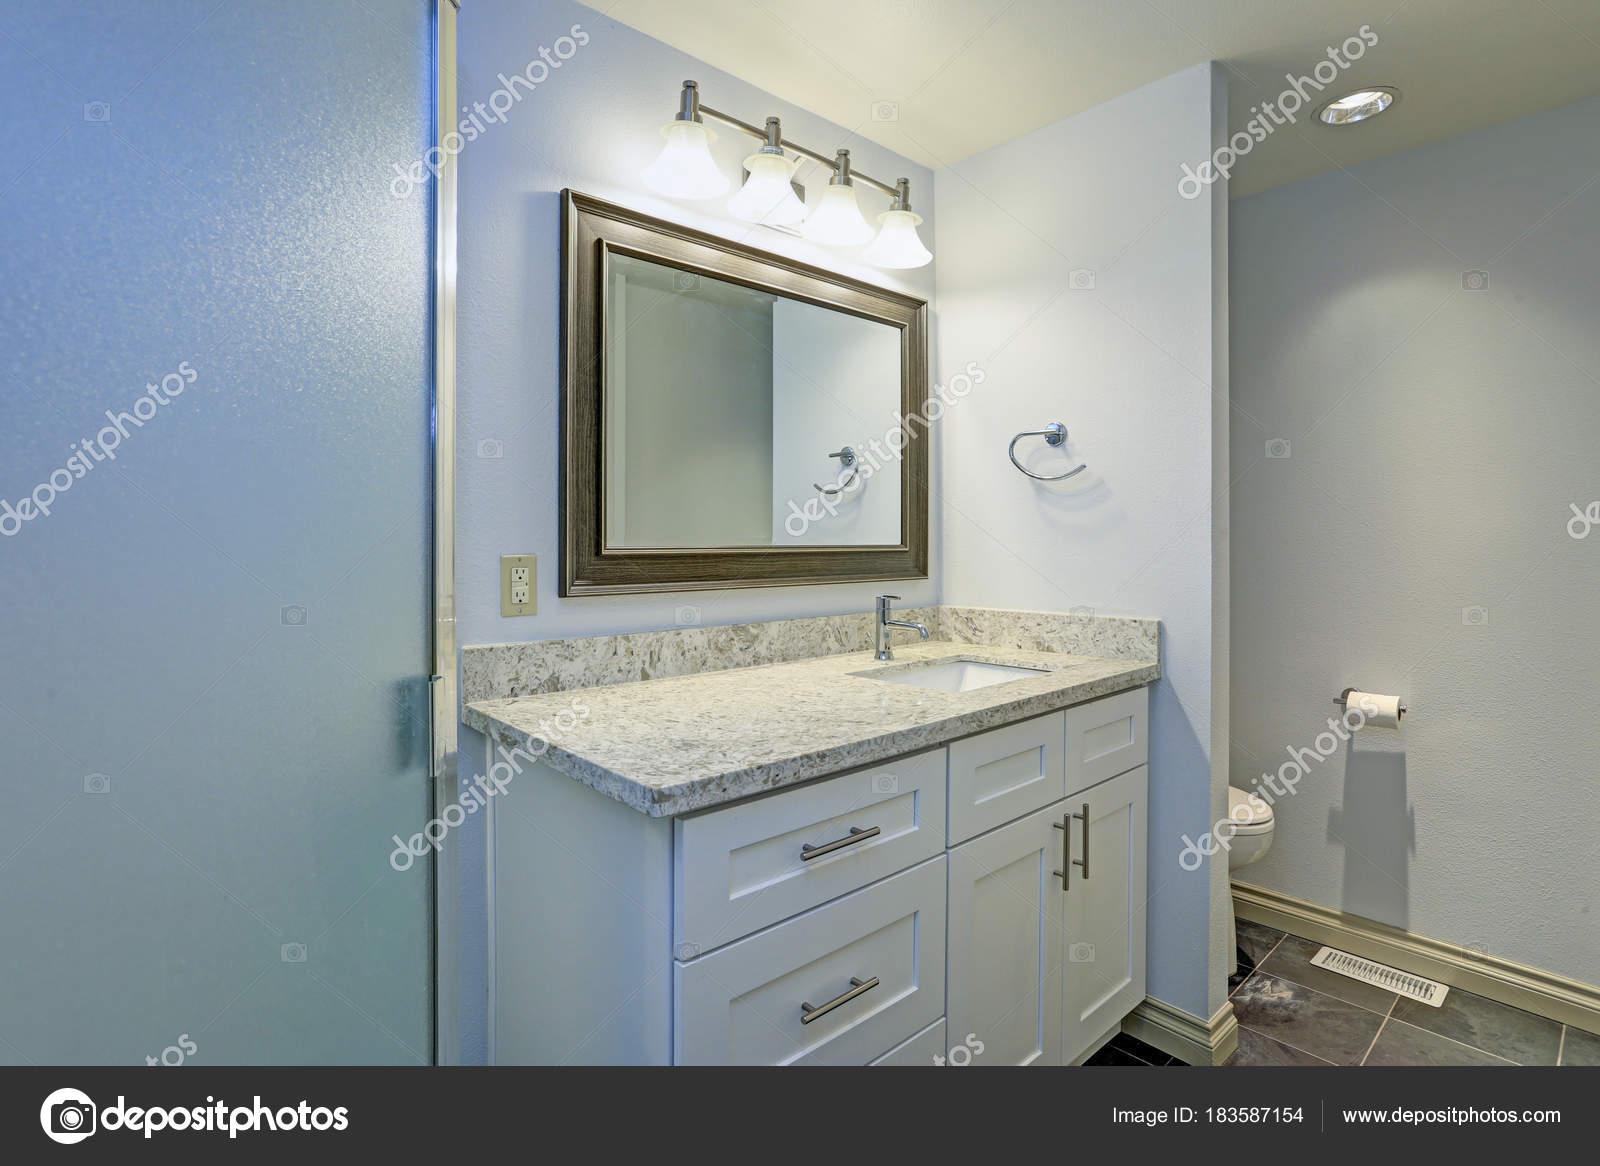 Sehr schönes Bad mit weichen blauen Wände malen Farbe — Stockfoto ...